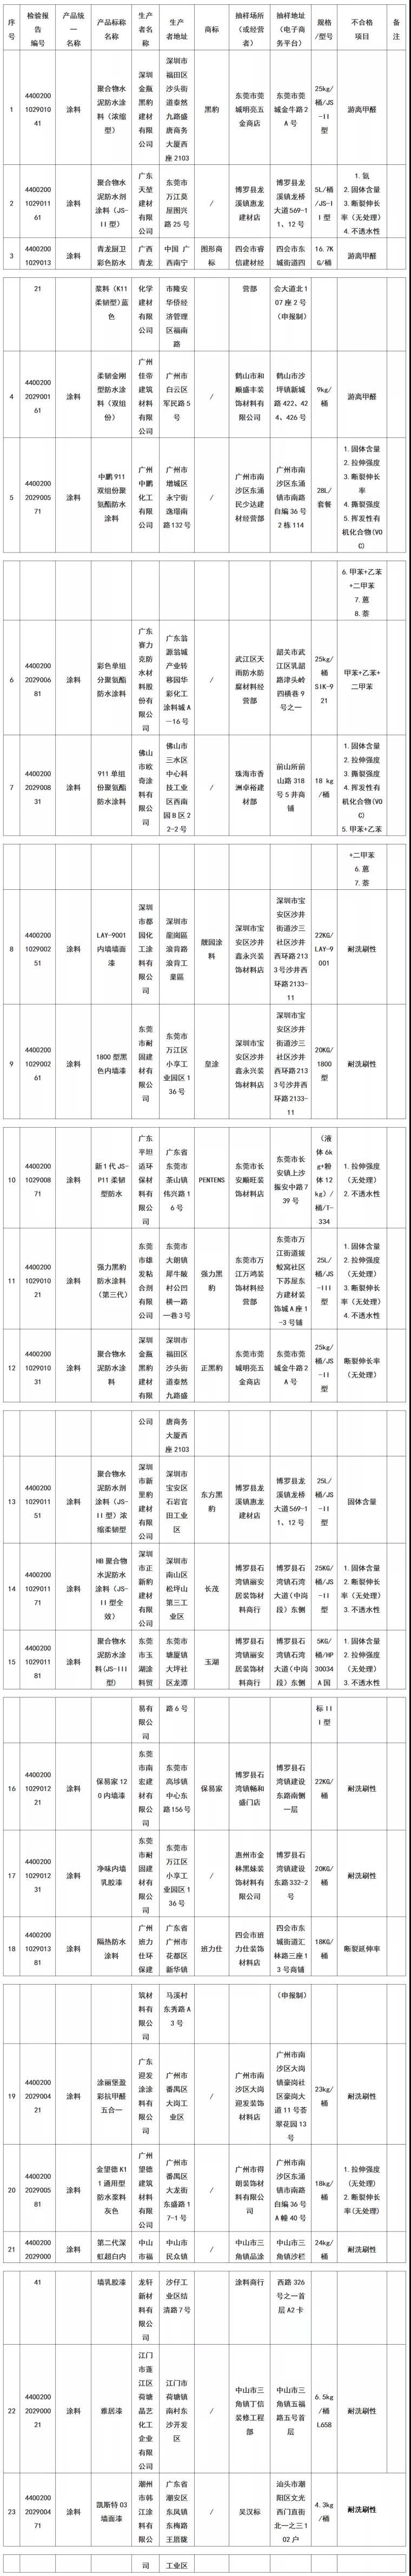 寰俊鍥剧墖_20210803111108.jpg